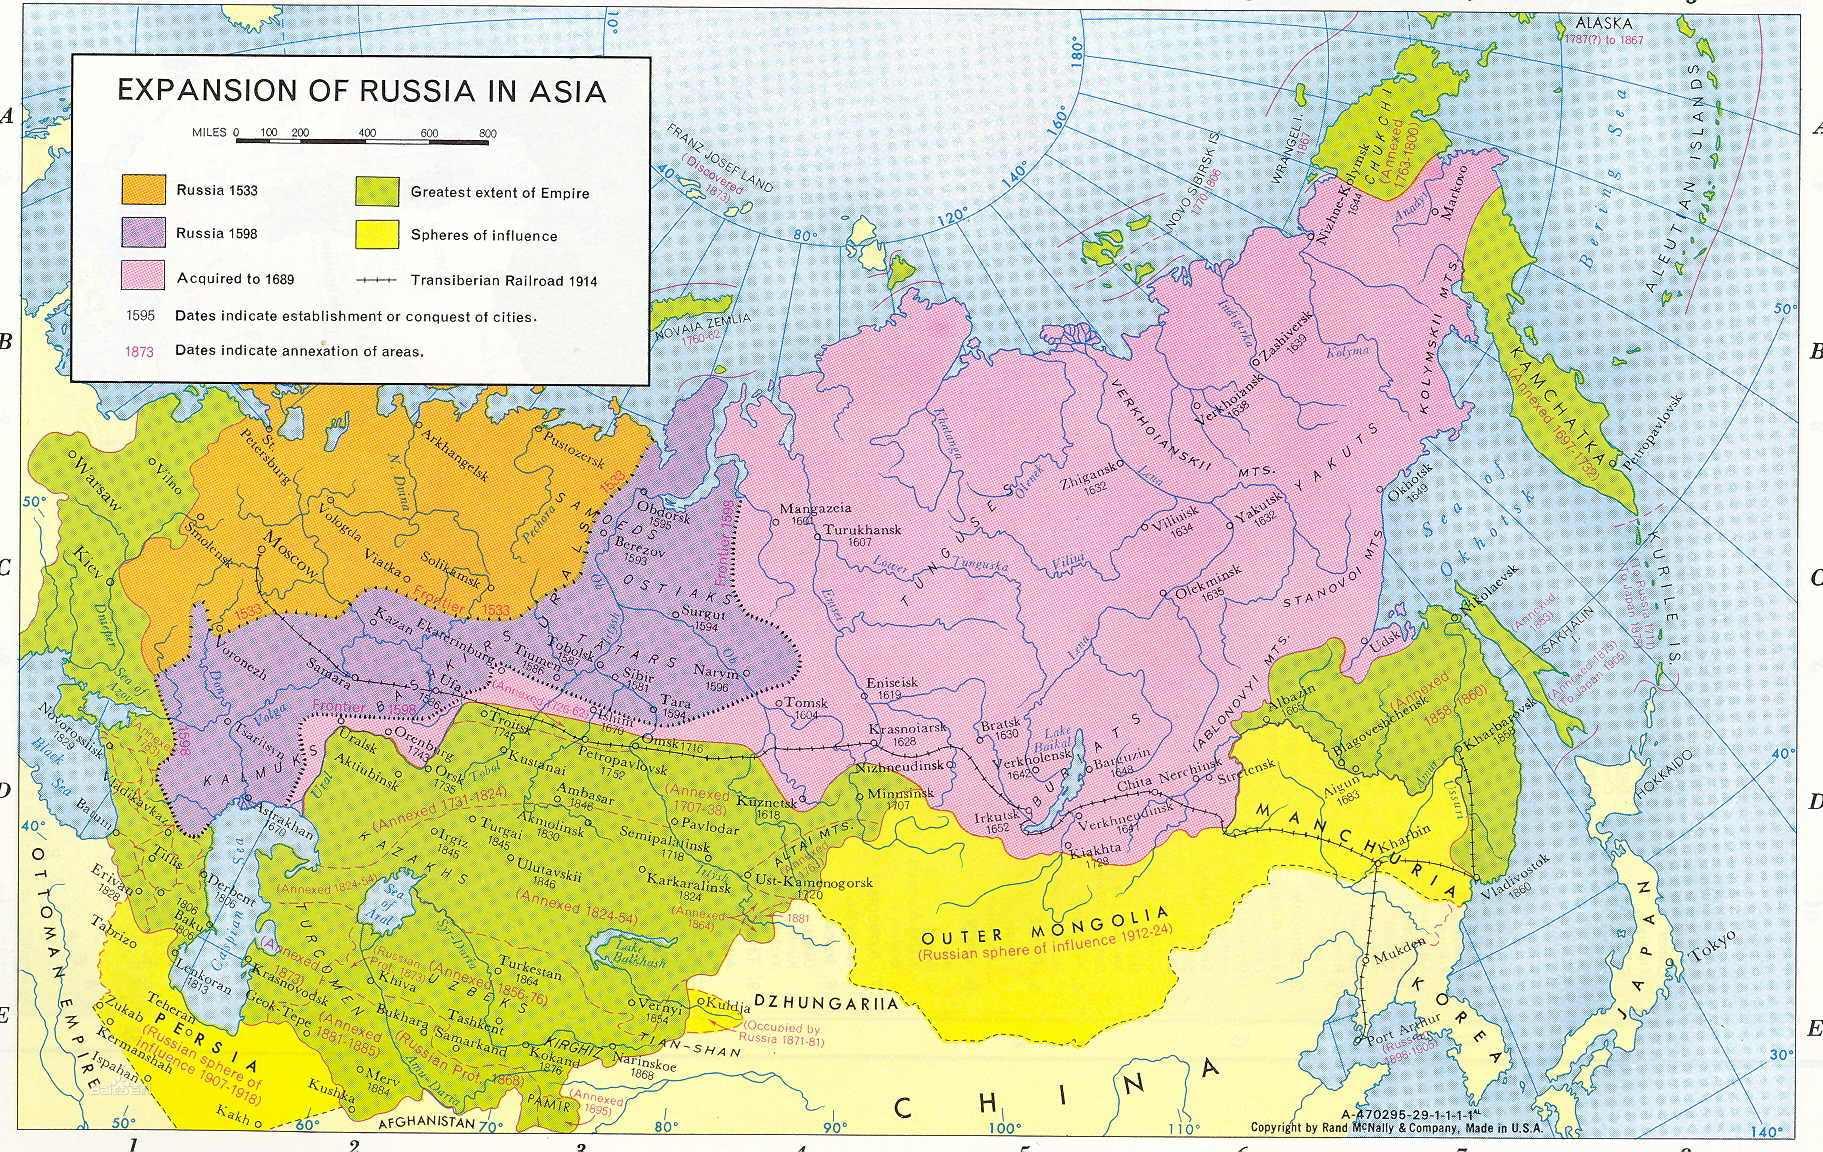 俄罗斯疆域的扩张